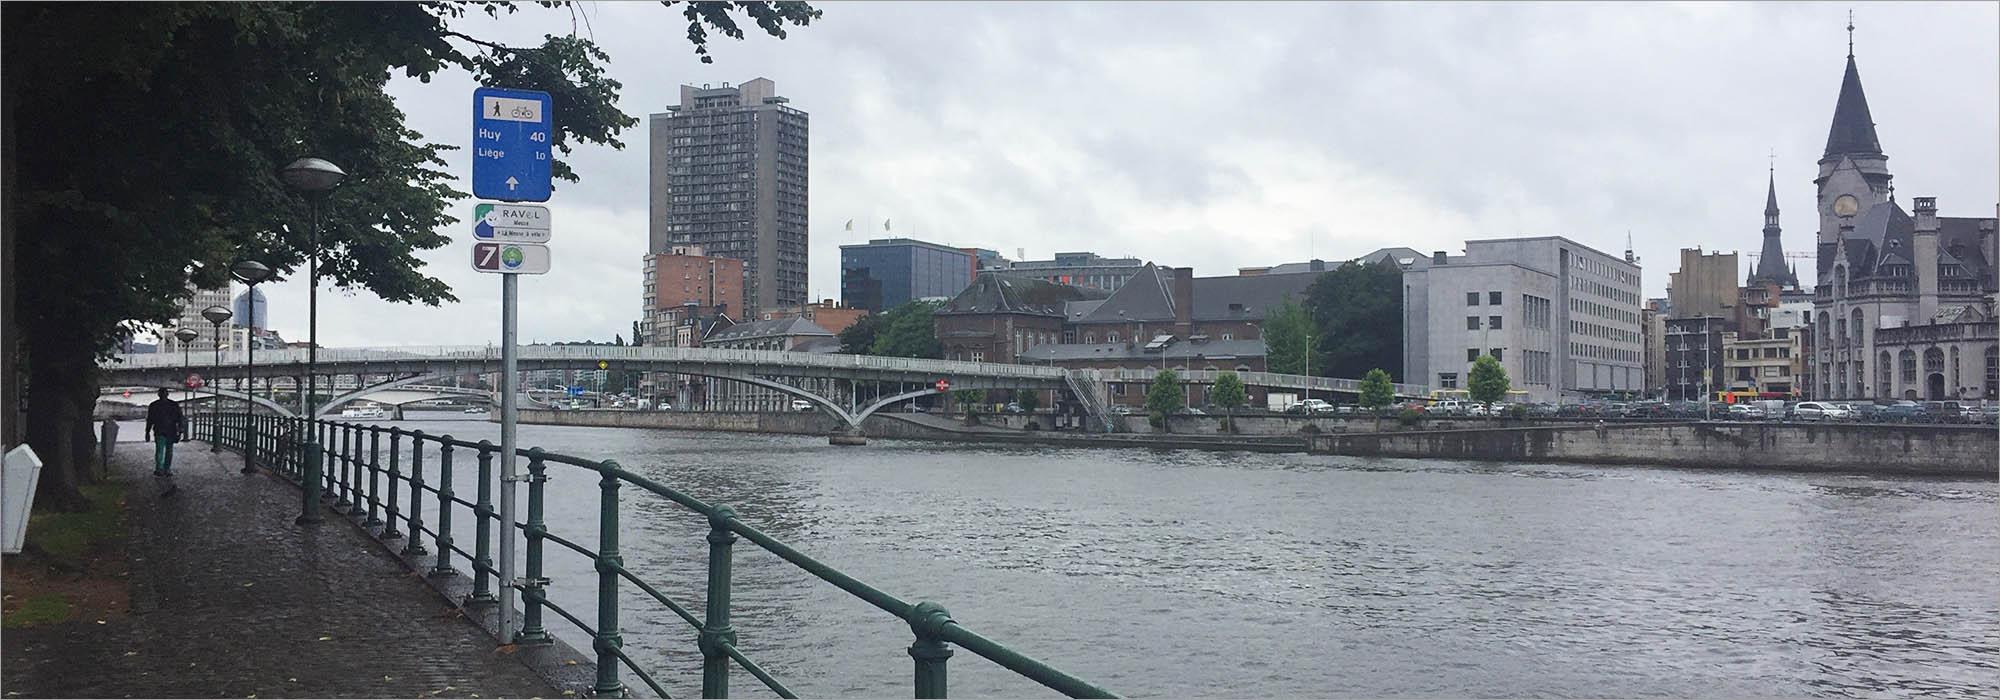 Liège, fietsen in België